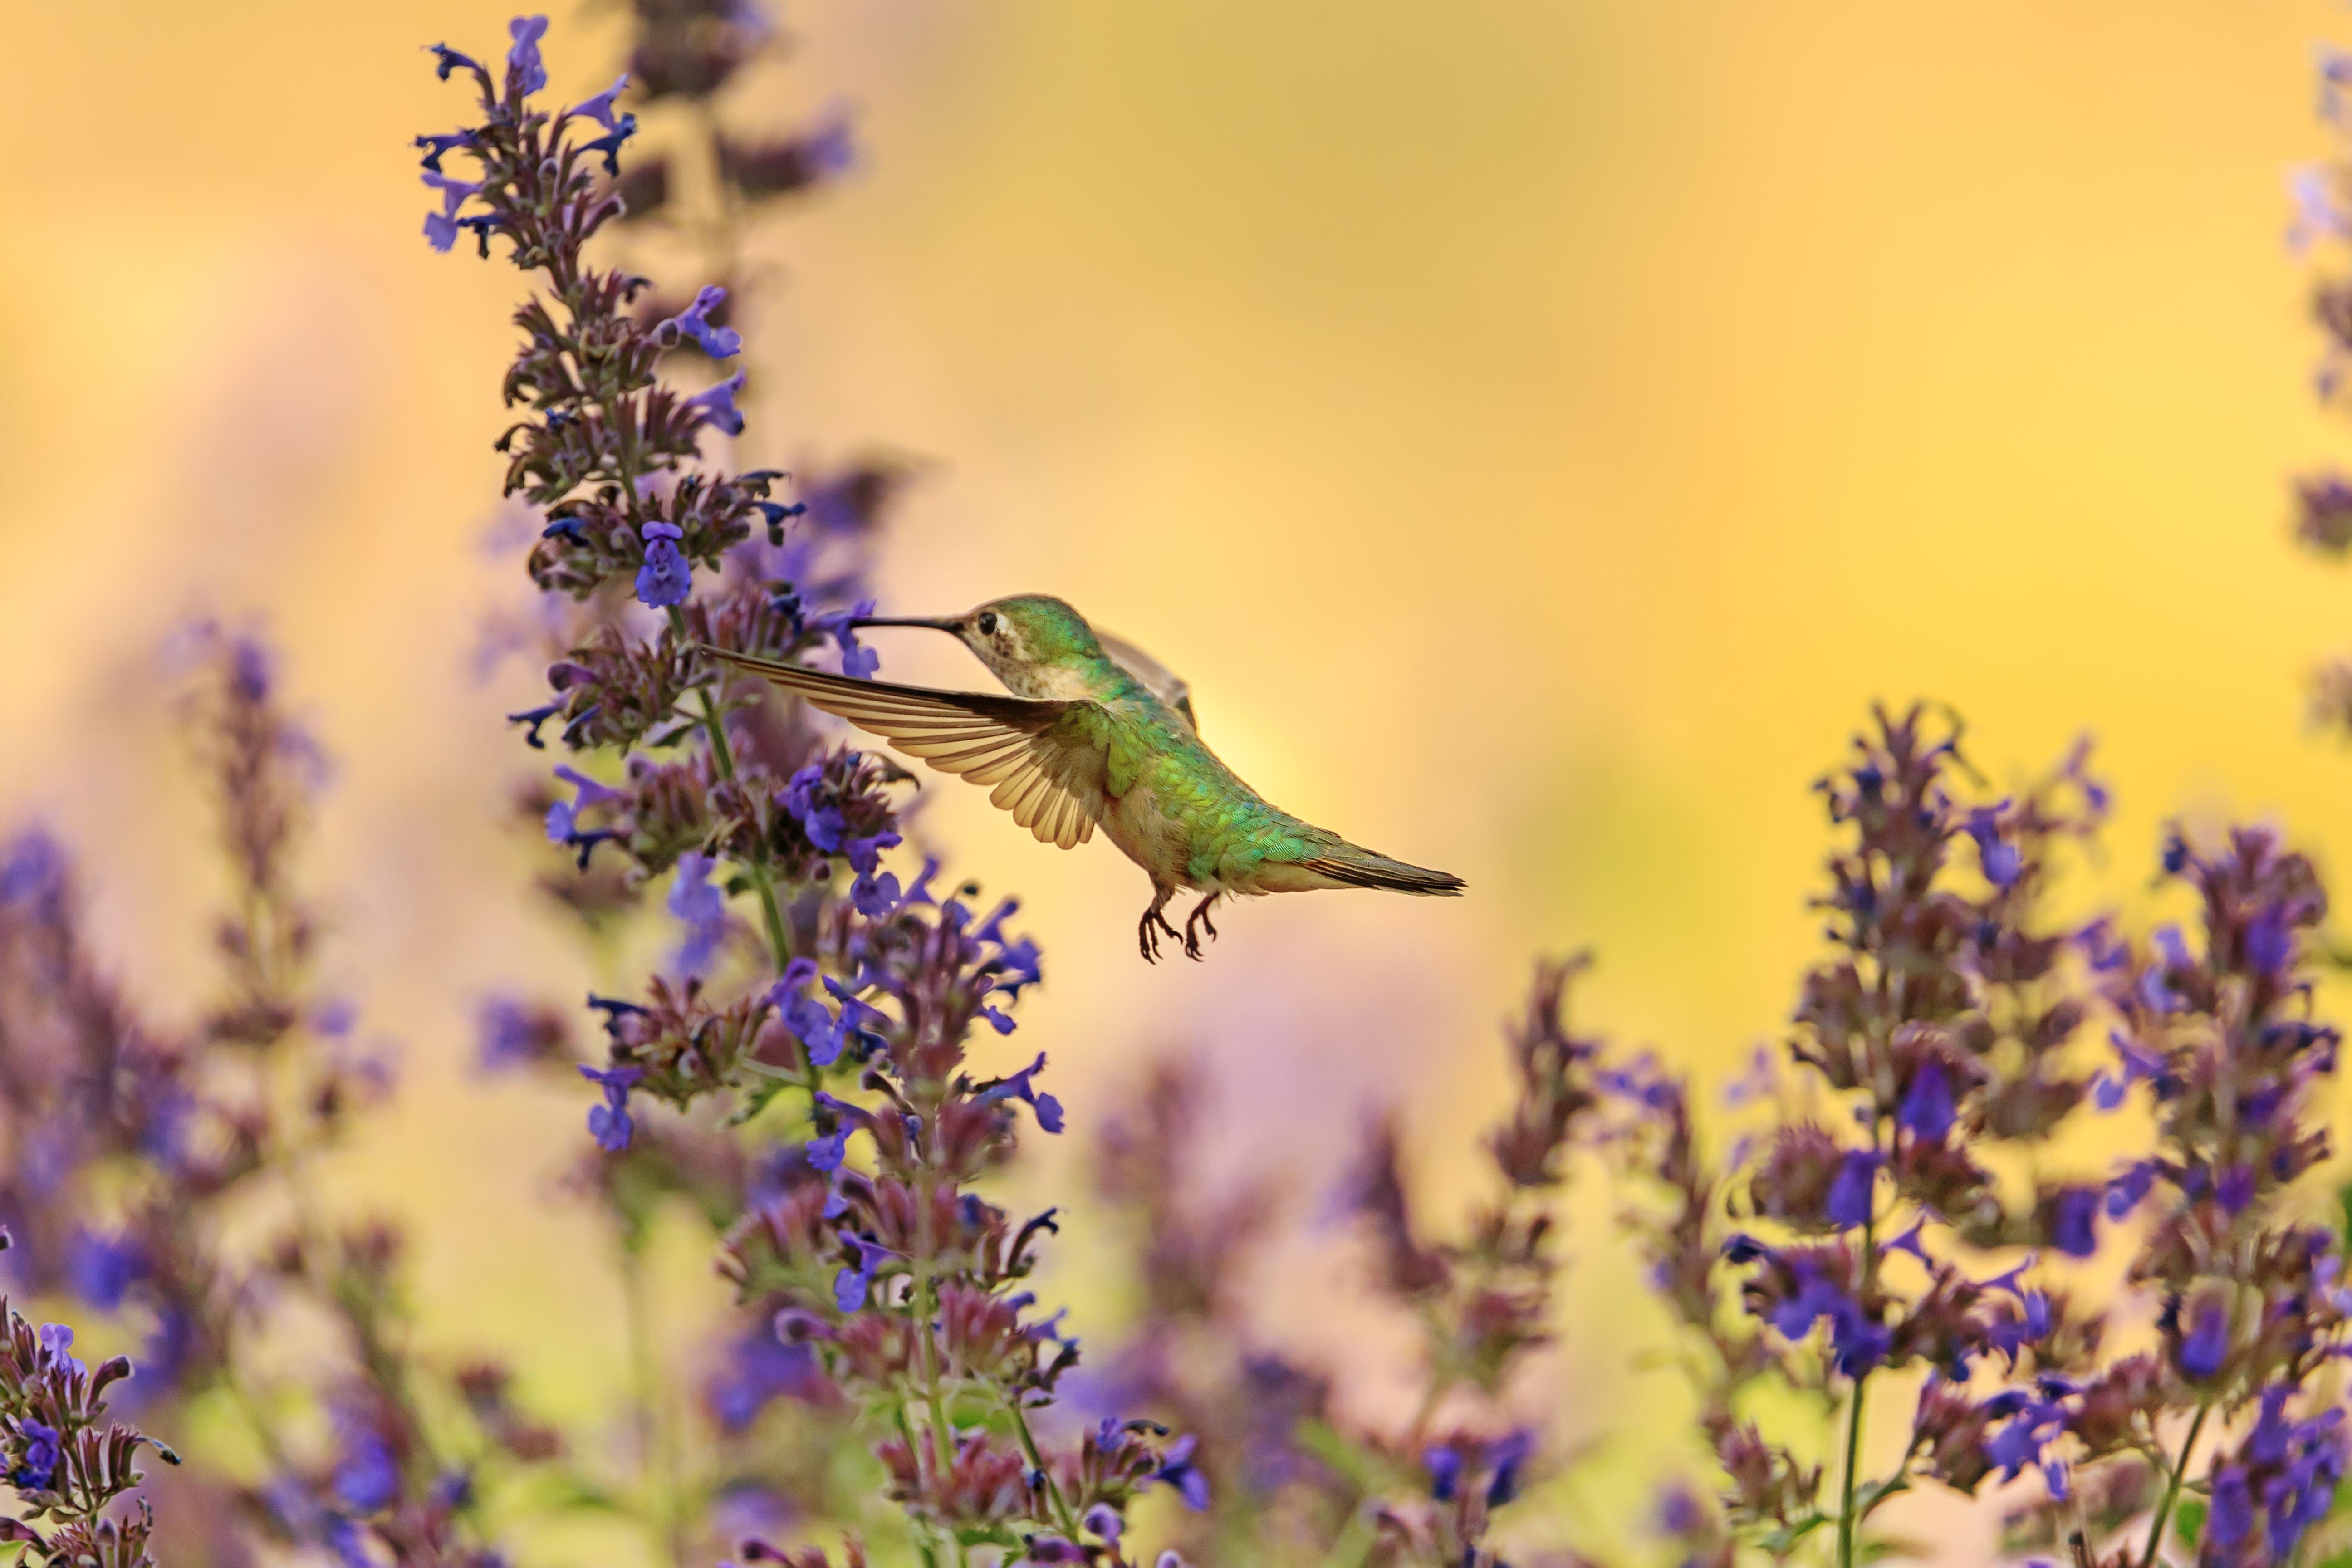 A hummingbird feeding on purple flowers mid-flight